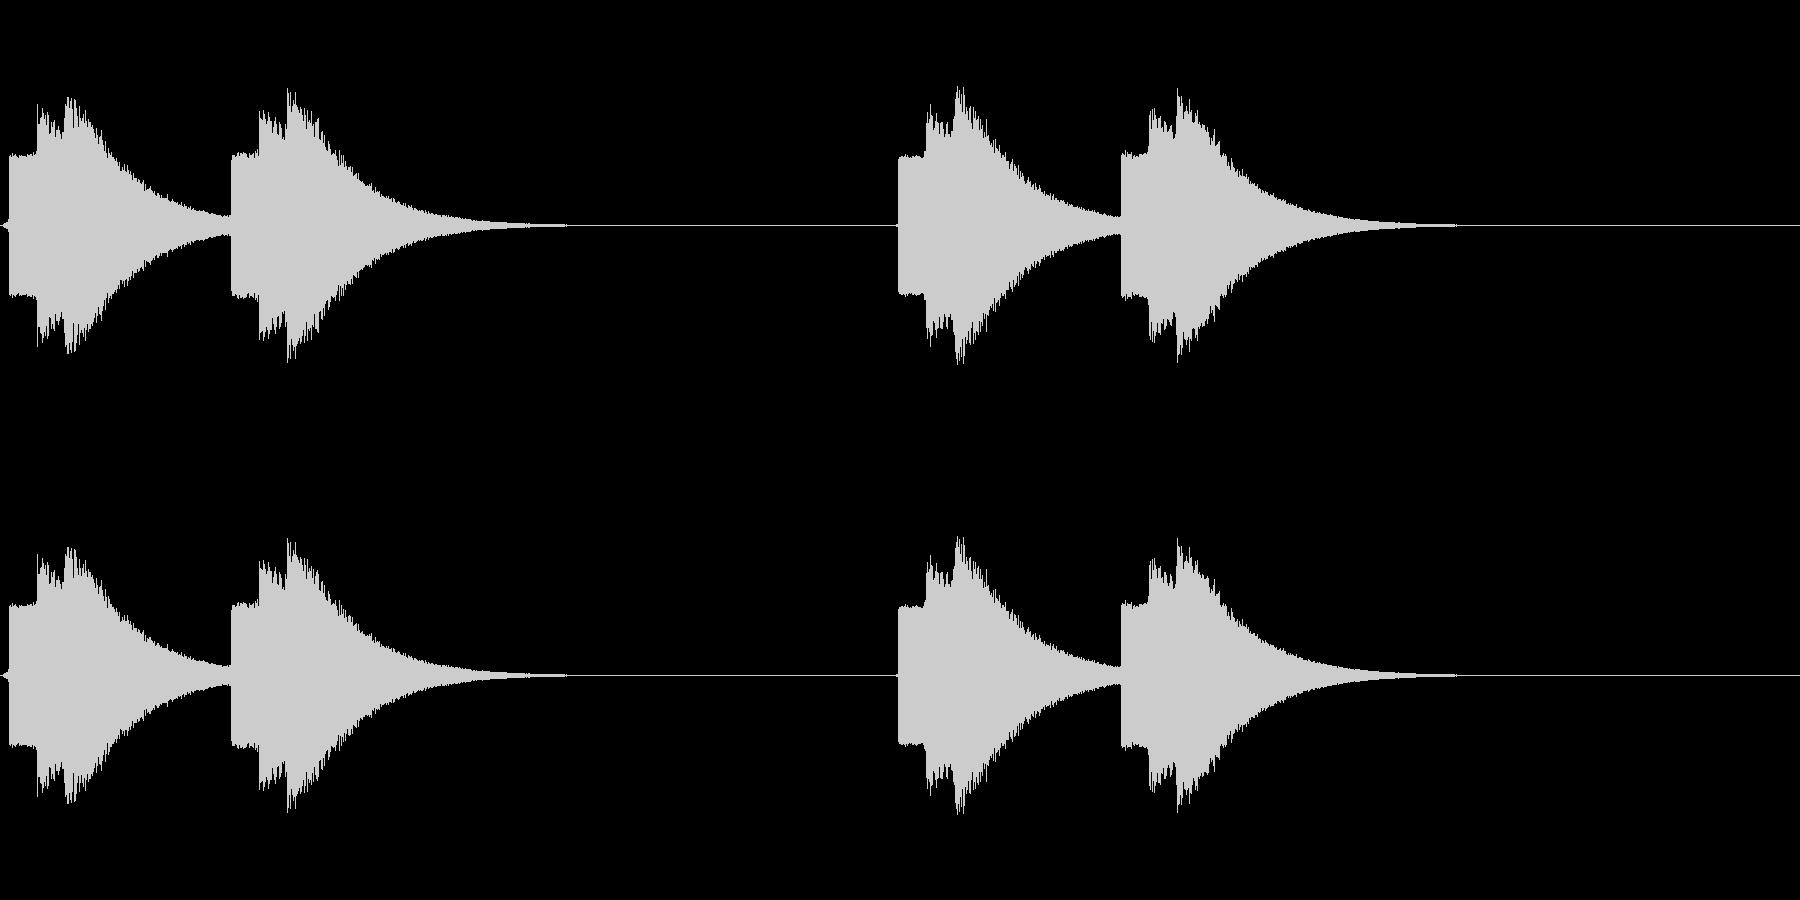 不穏な速報テロップ音(地震警報などにも)の未再生の波形